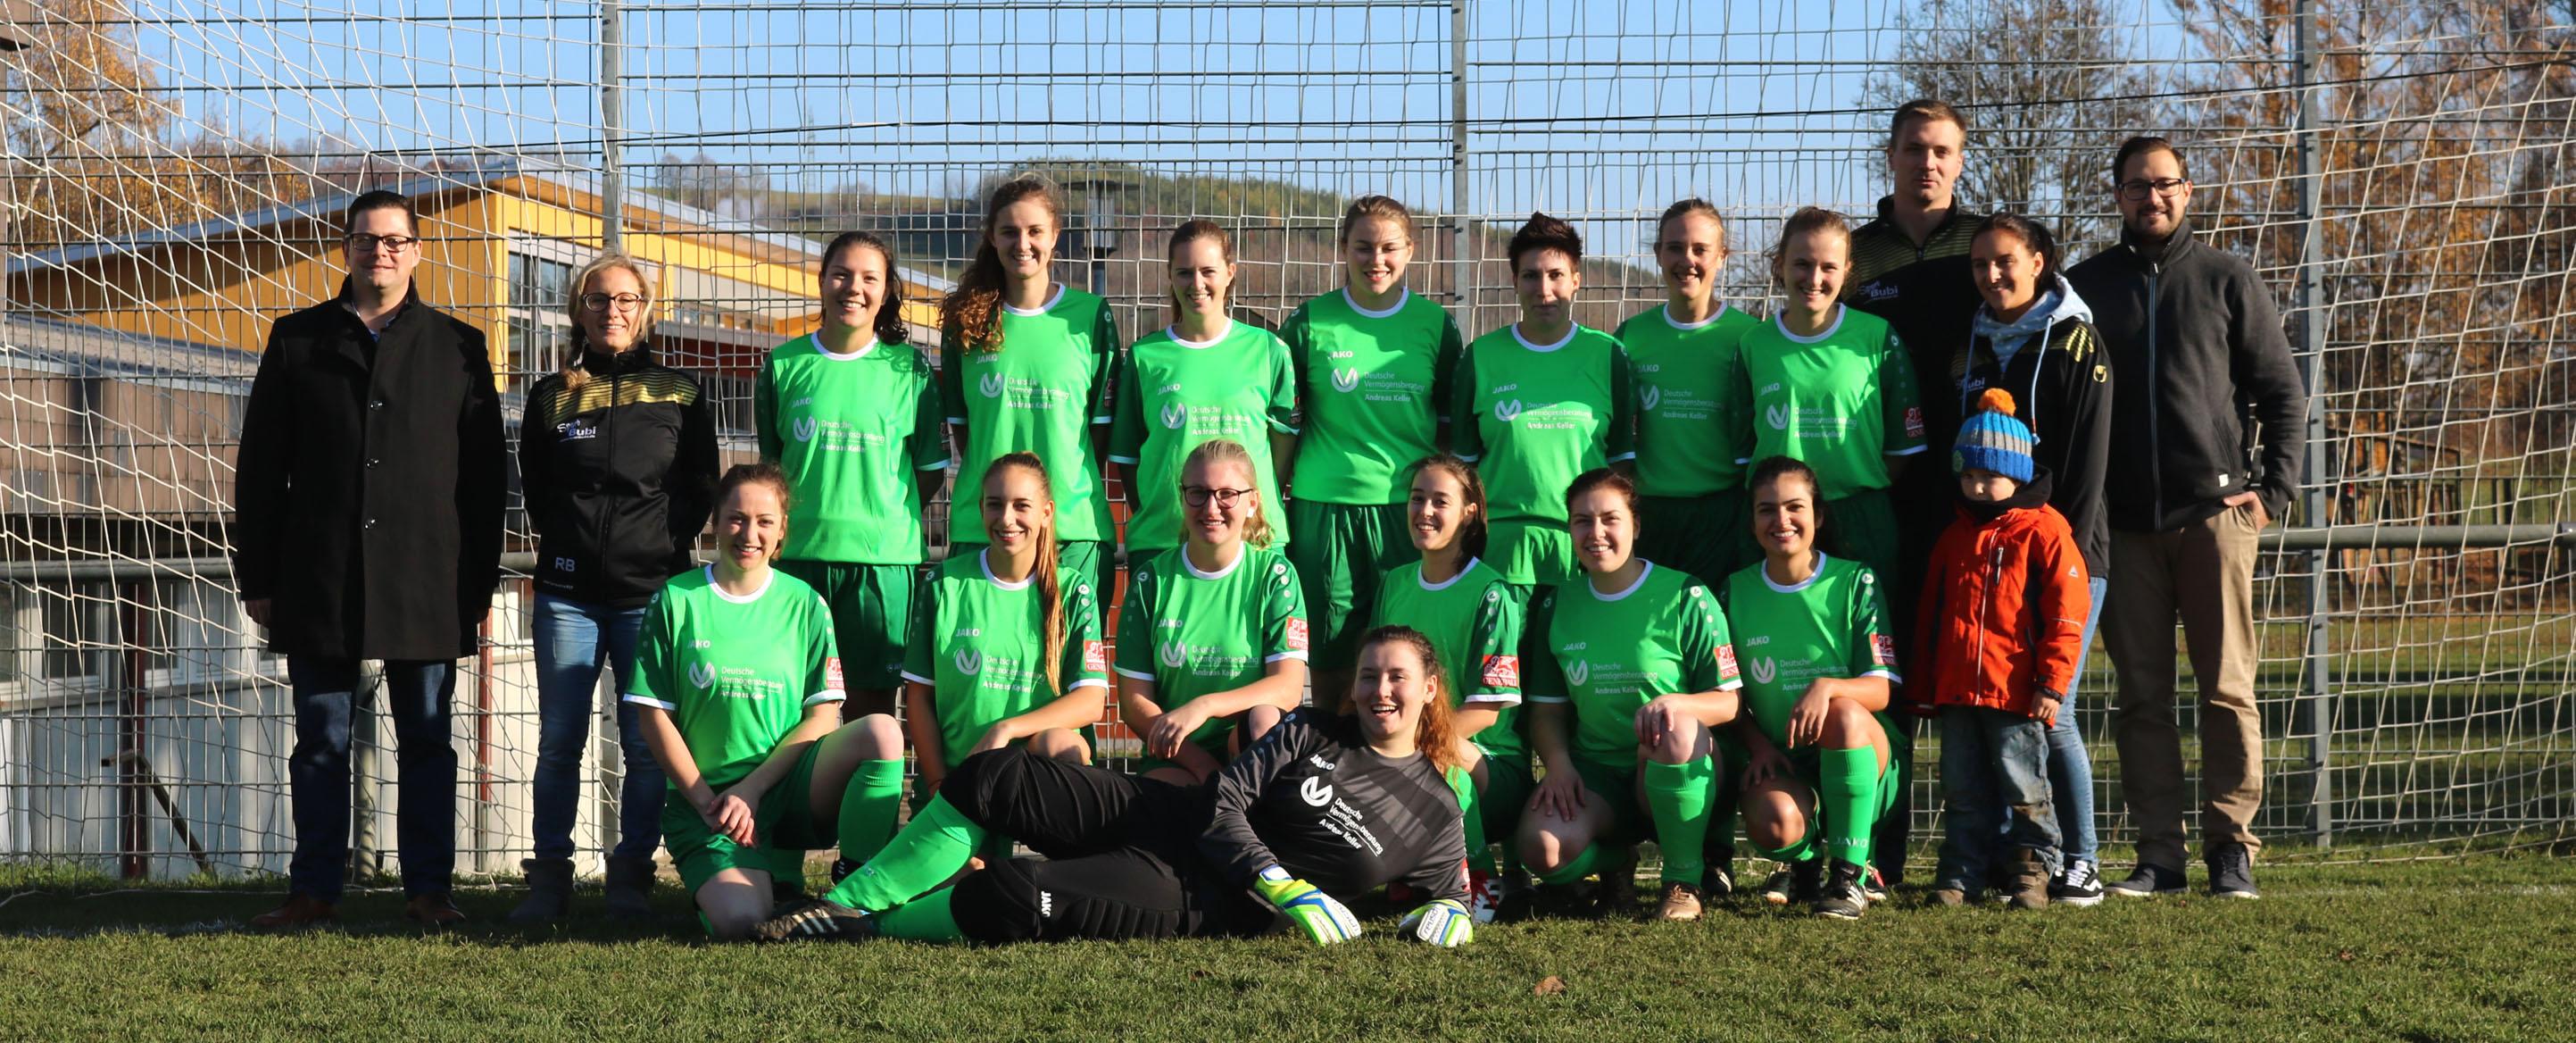 VFL-Damenmannschaft